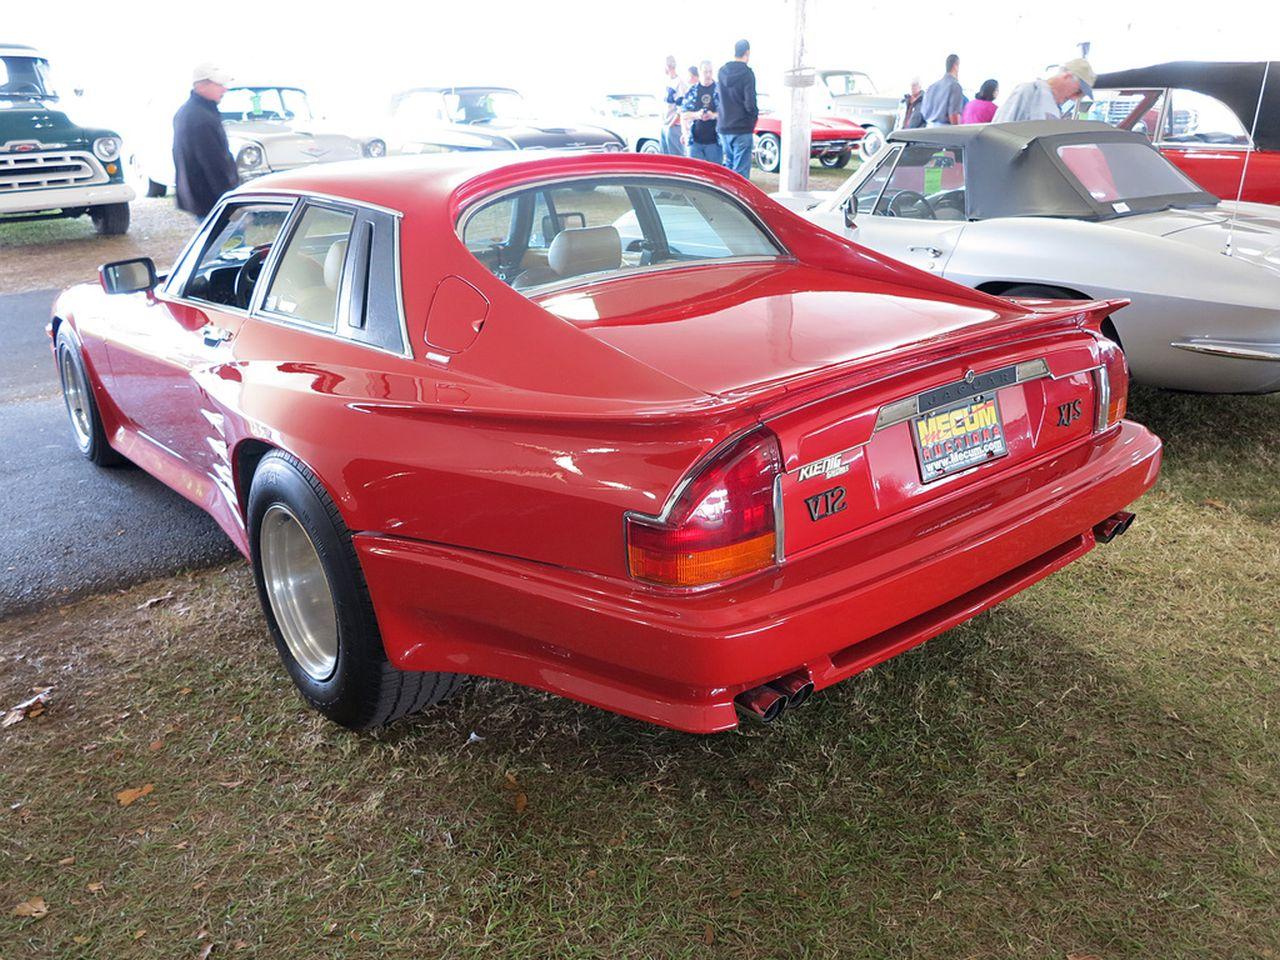 1982 Jaguar XJS Koenig Specials - Parce qu'en soi ton avis... 1